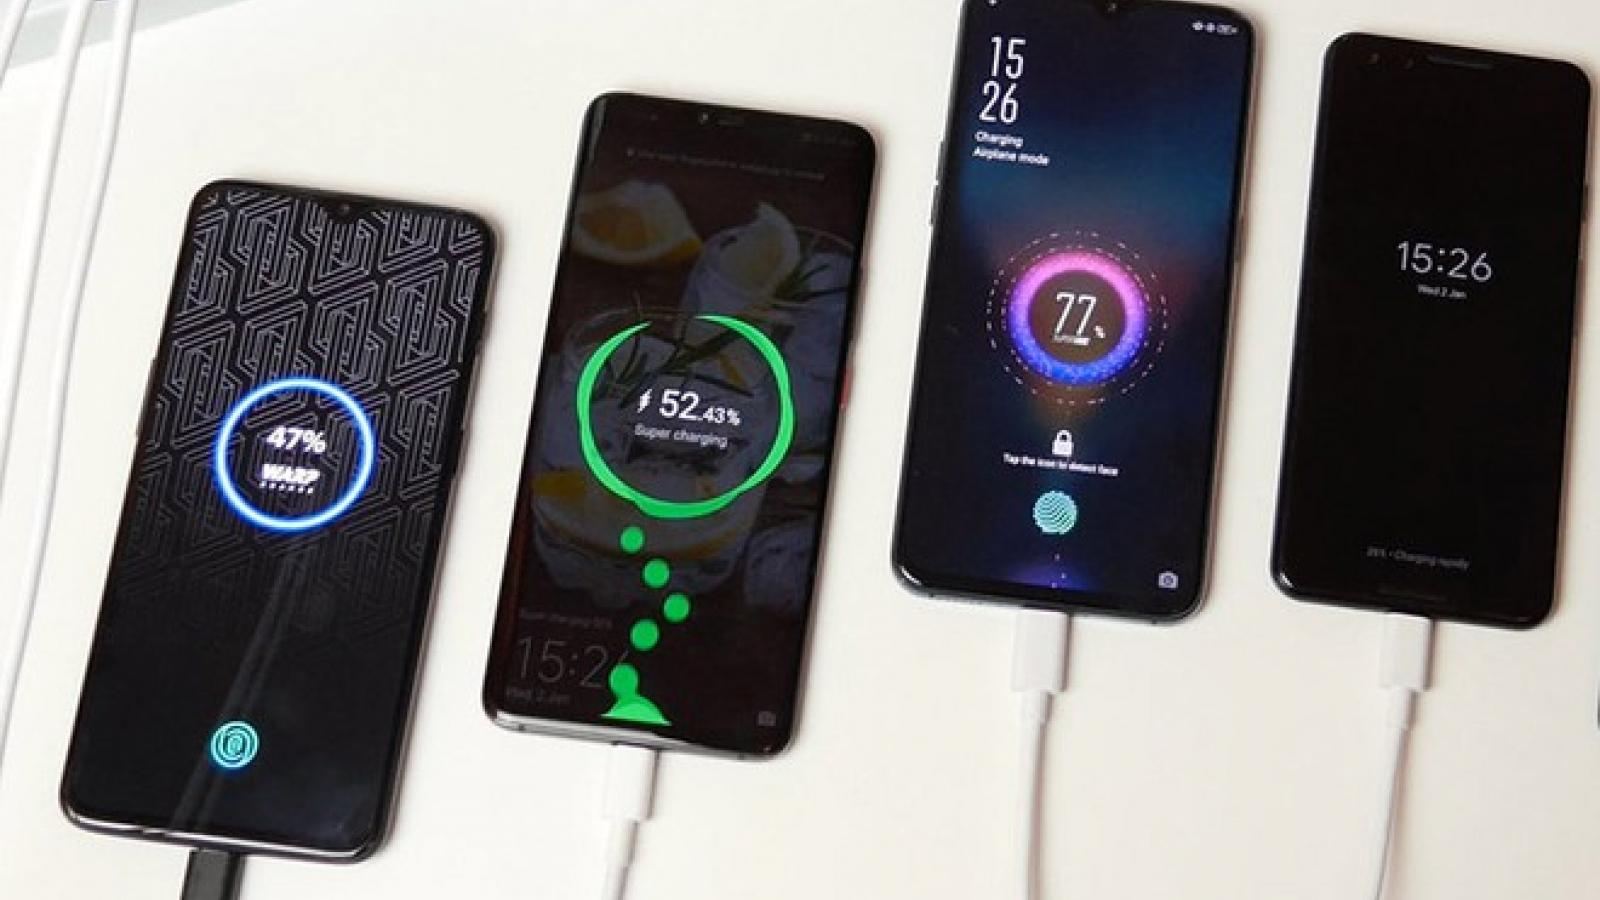 2021 - năm của smartphone sạc siêu nhanh 100W